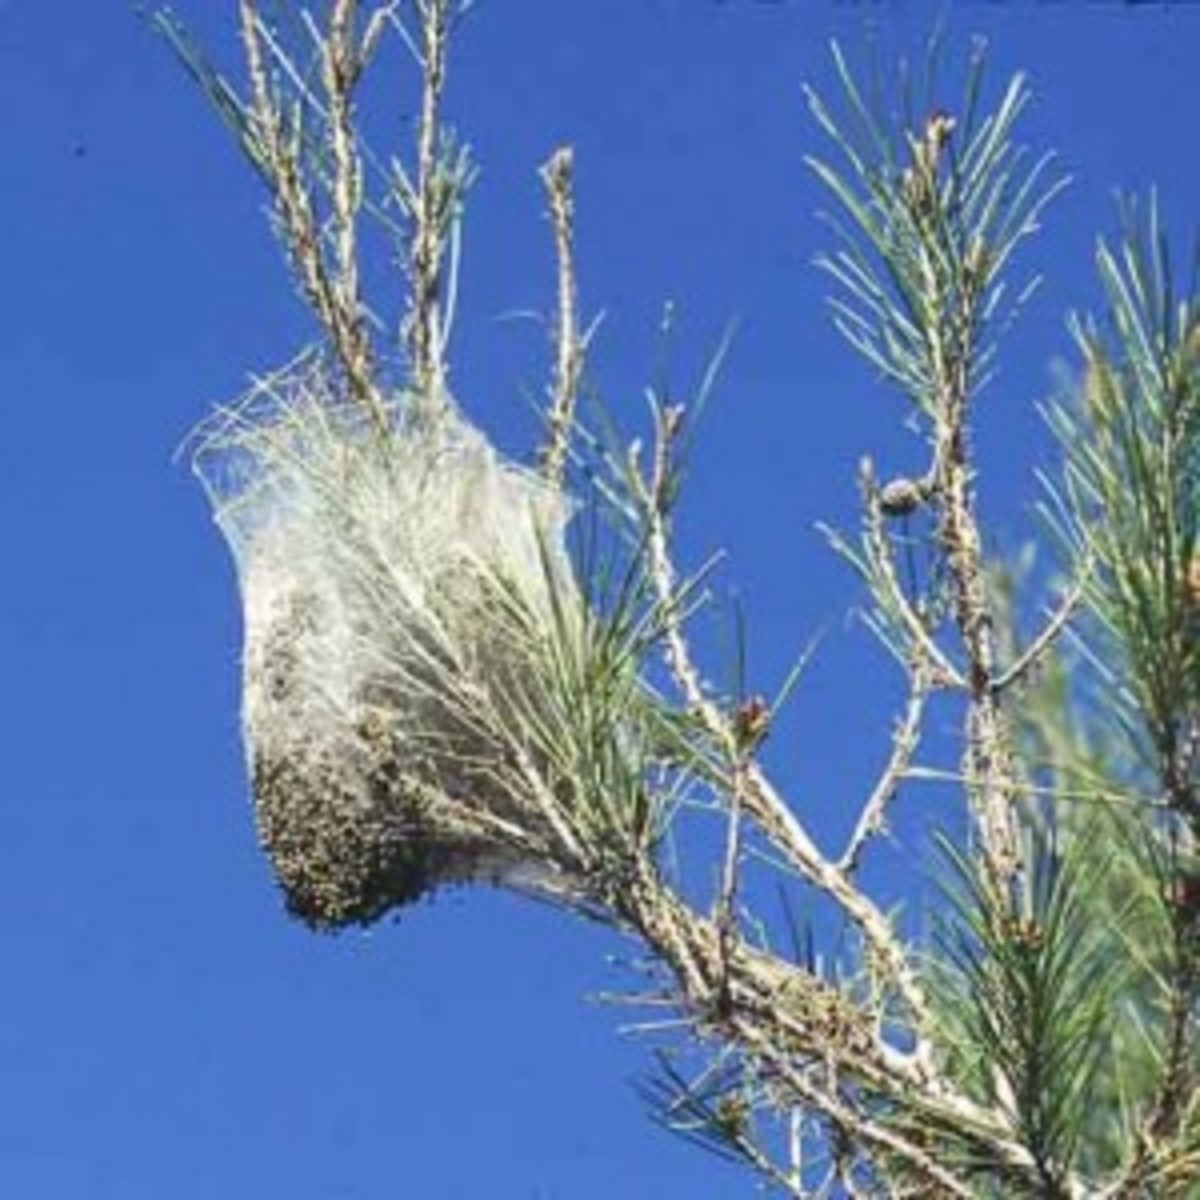 A Caterpillar Nest